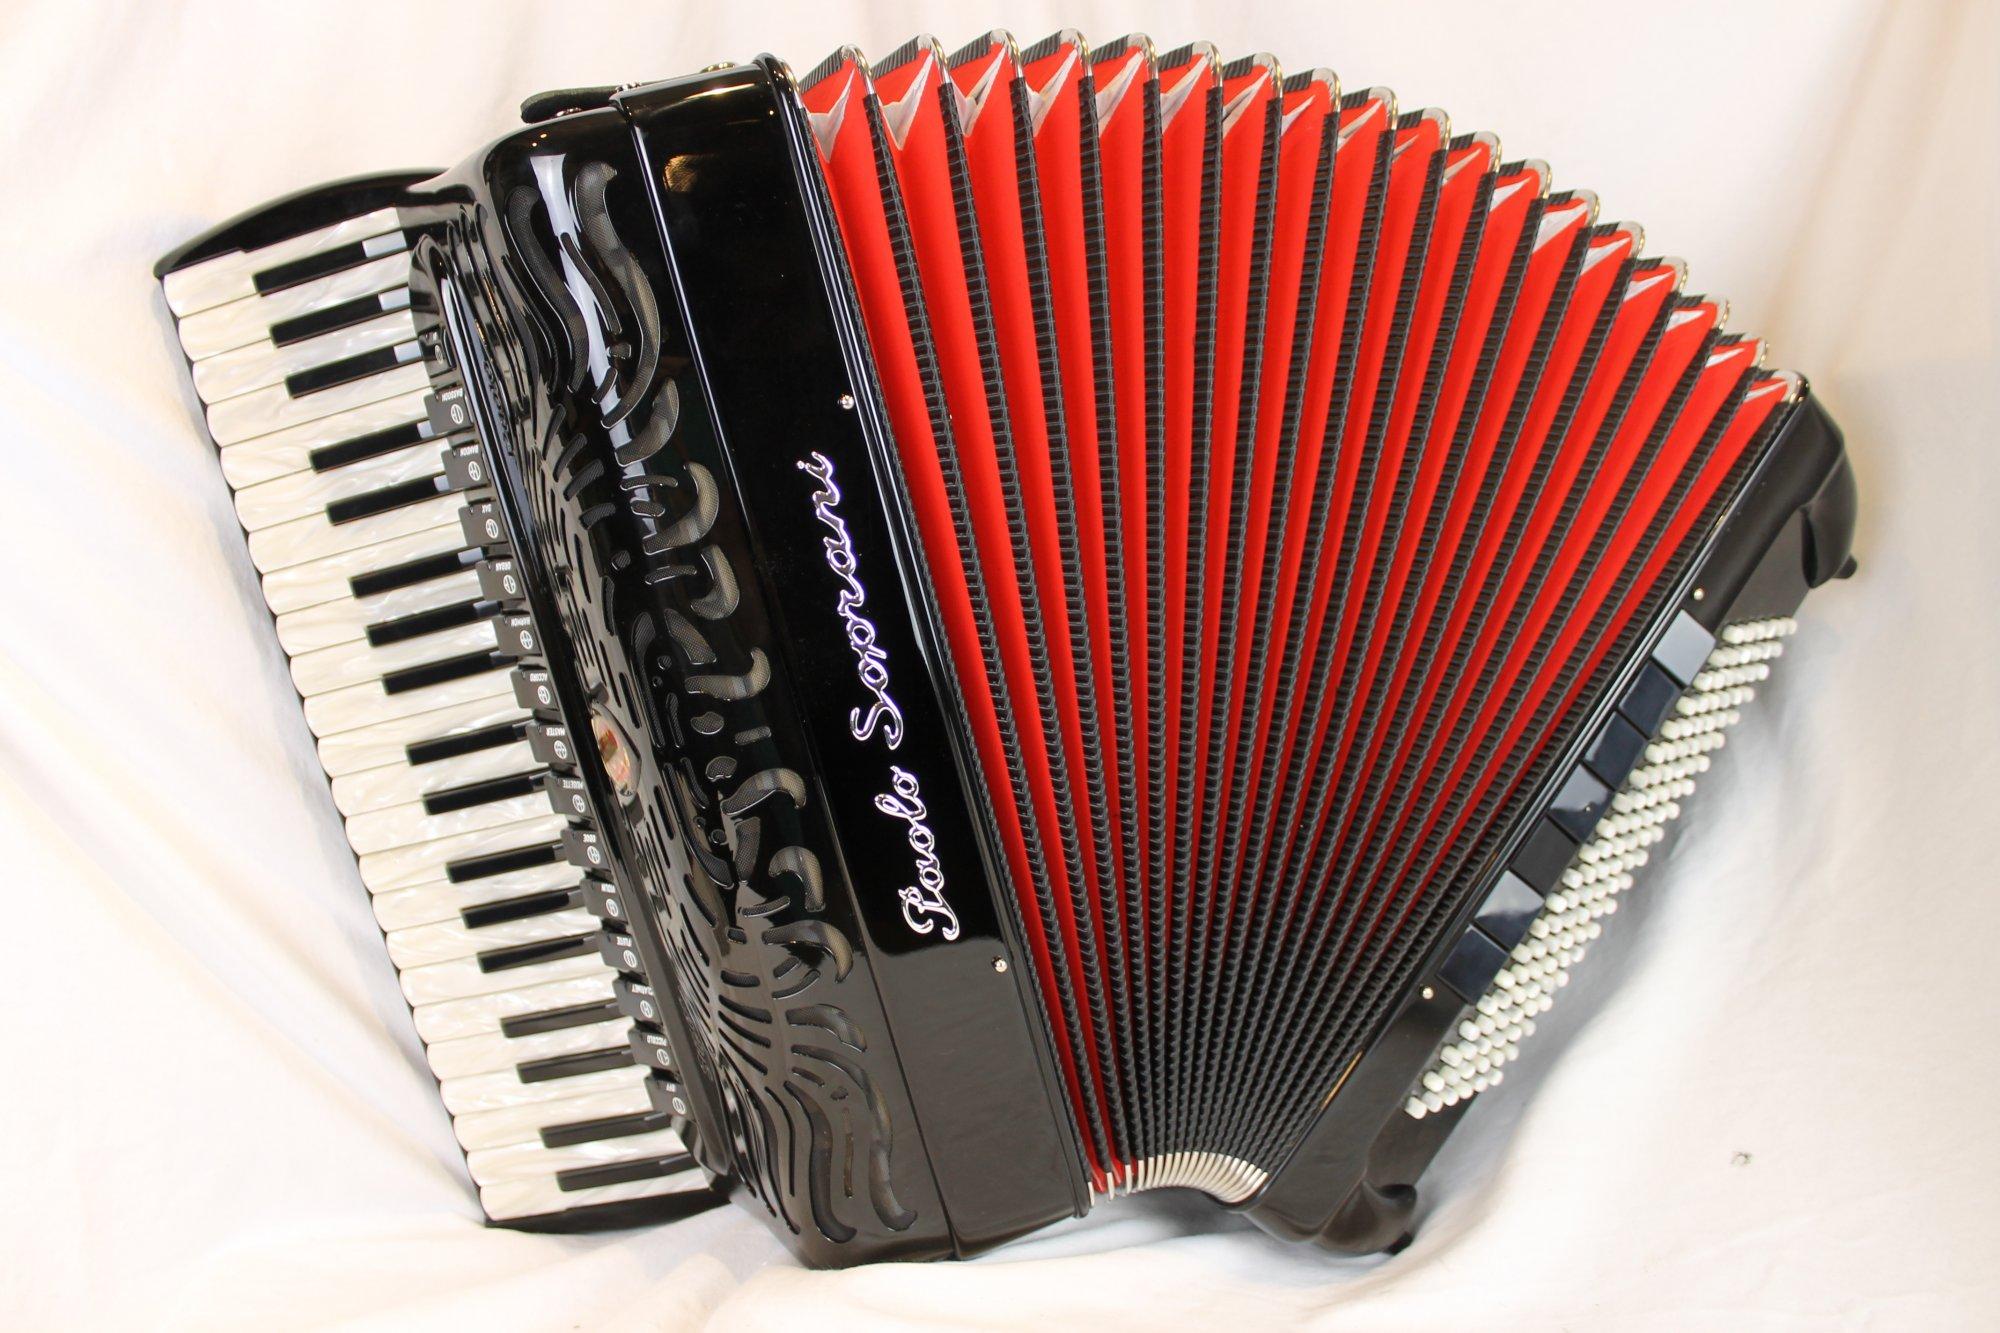 NEW Black Paolo Soprani Professionale Mogherini Piano Accordion LMMMH 41 120